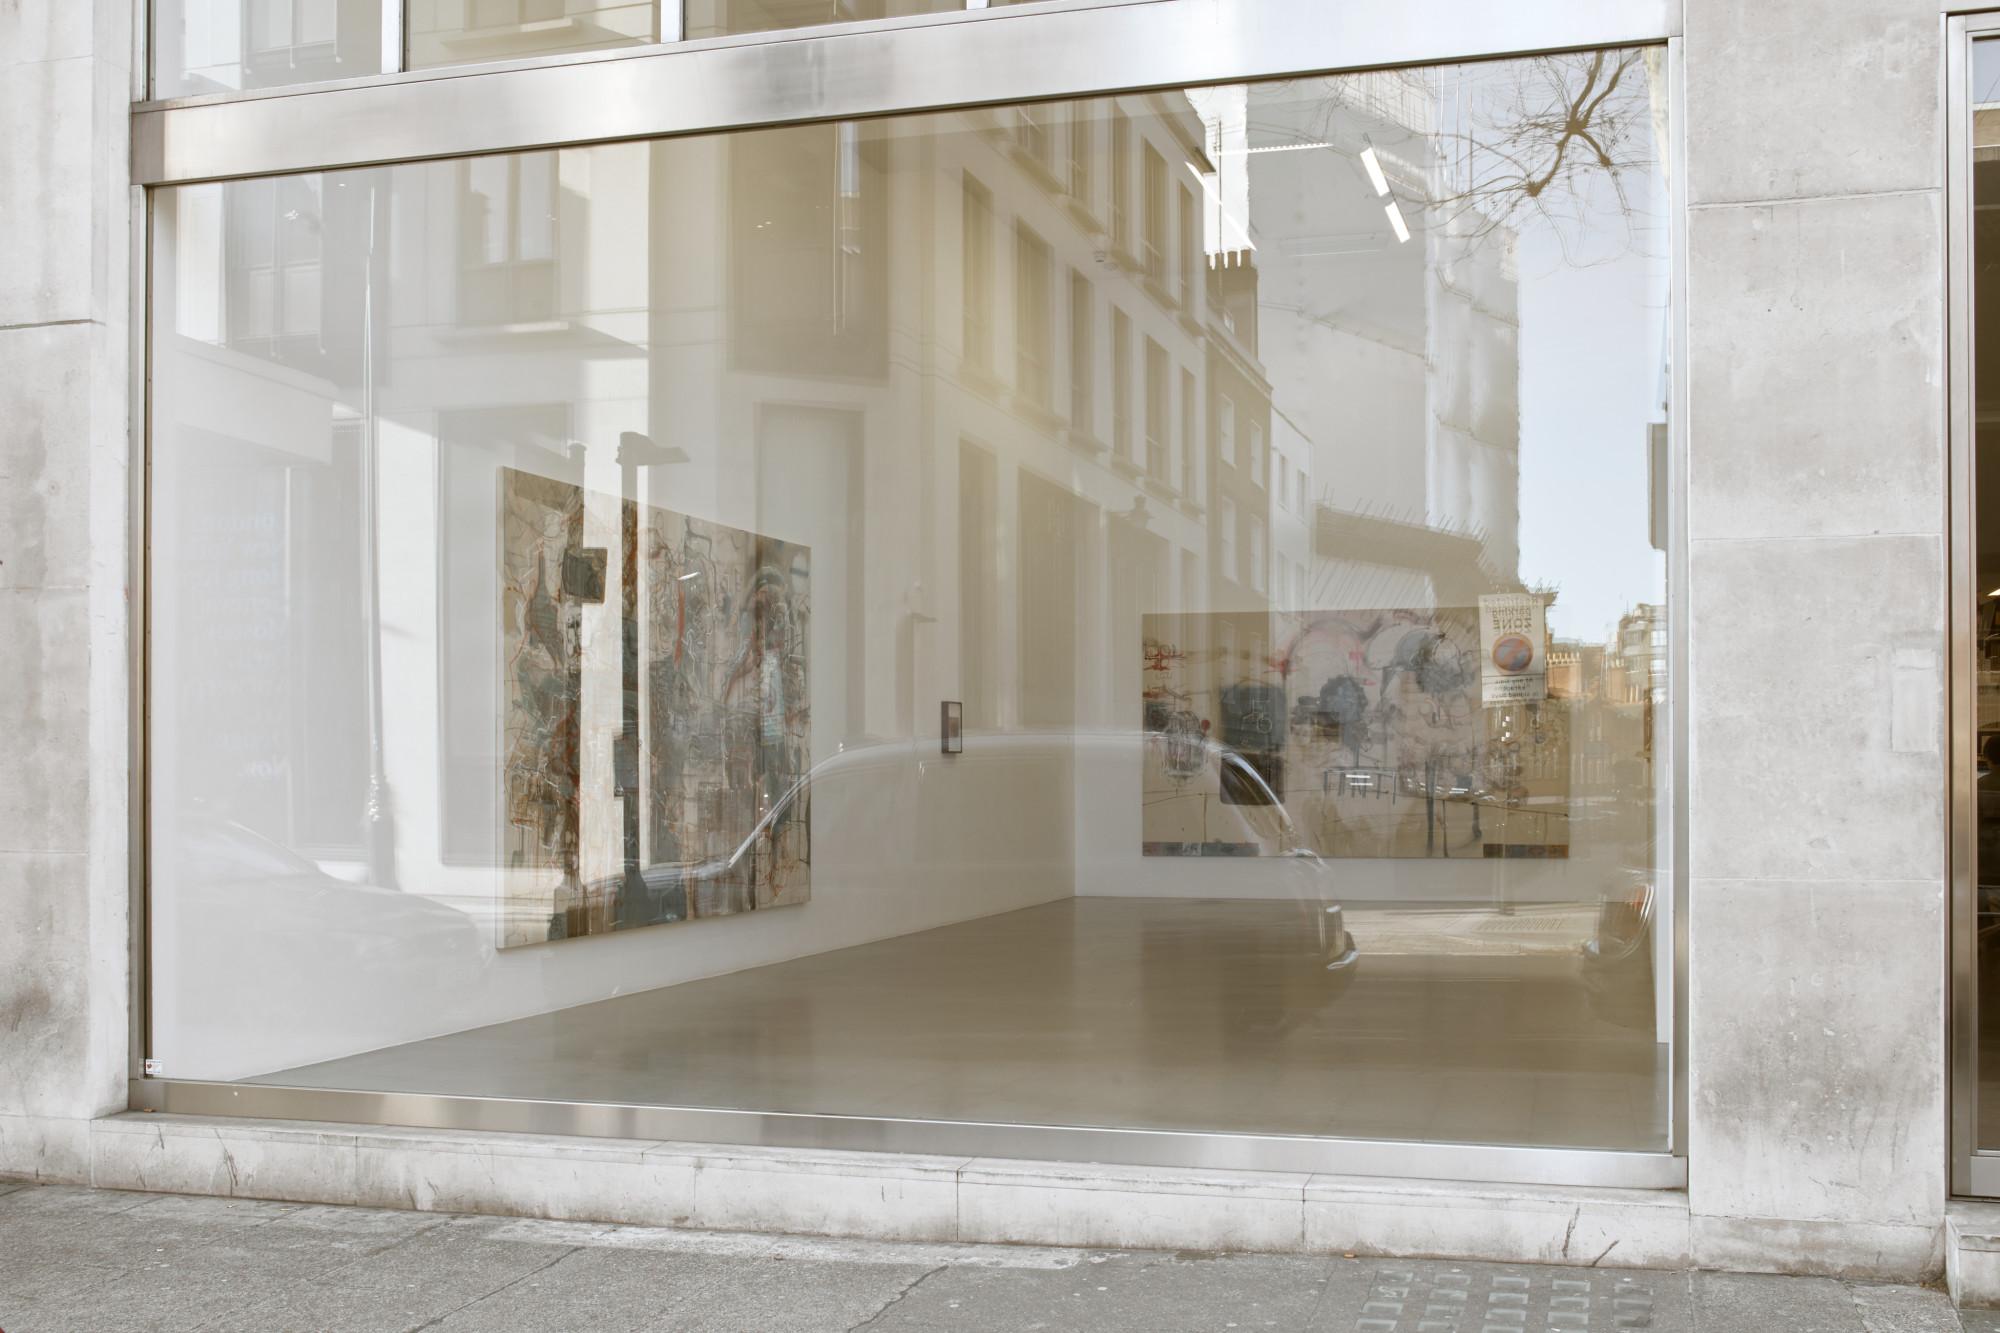 <p>Installation view, 2019.</p><p>Photo&#160;by&#160;Robert&#160;Glowacki</p>